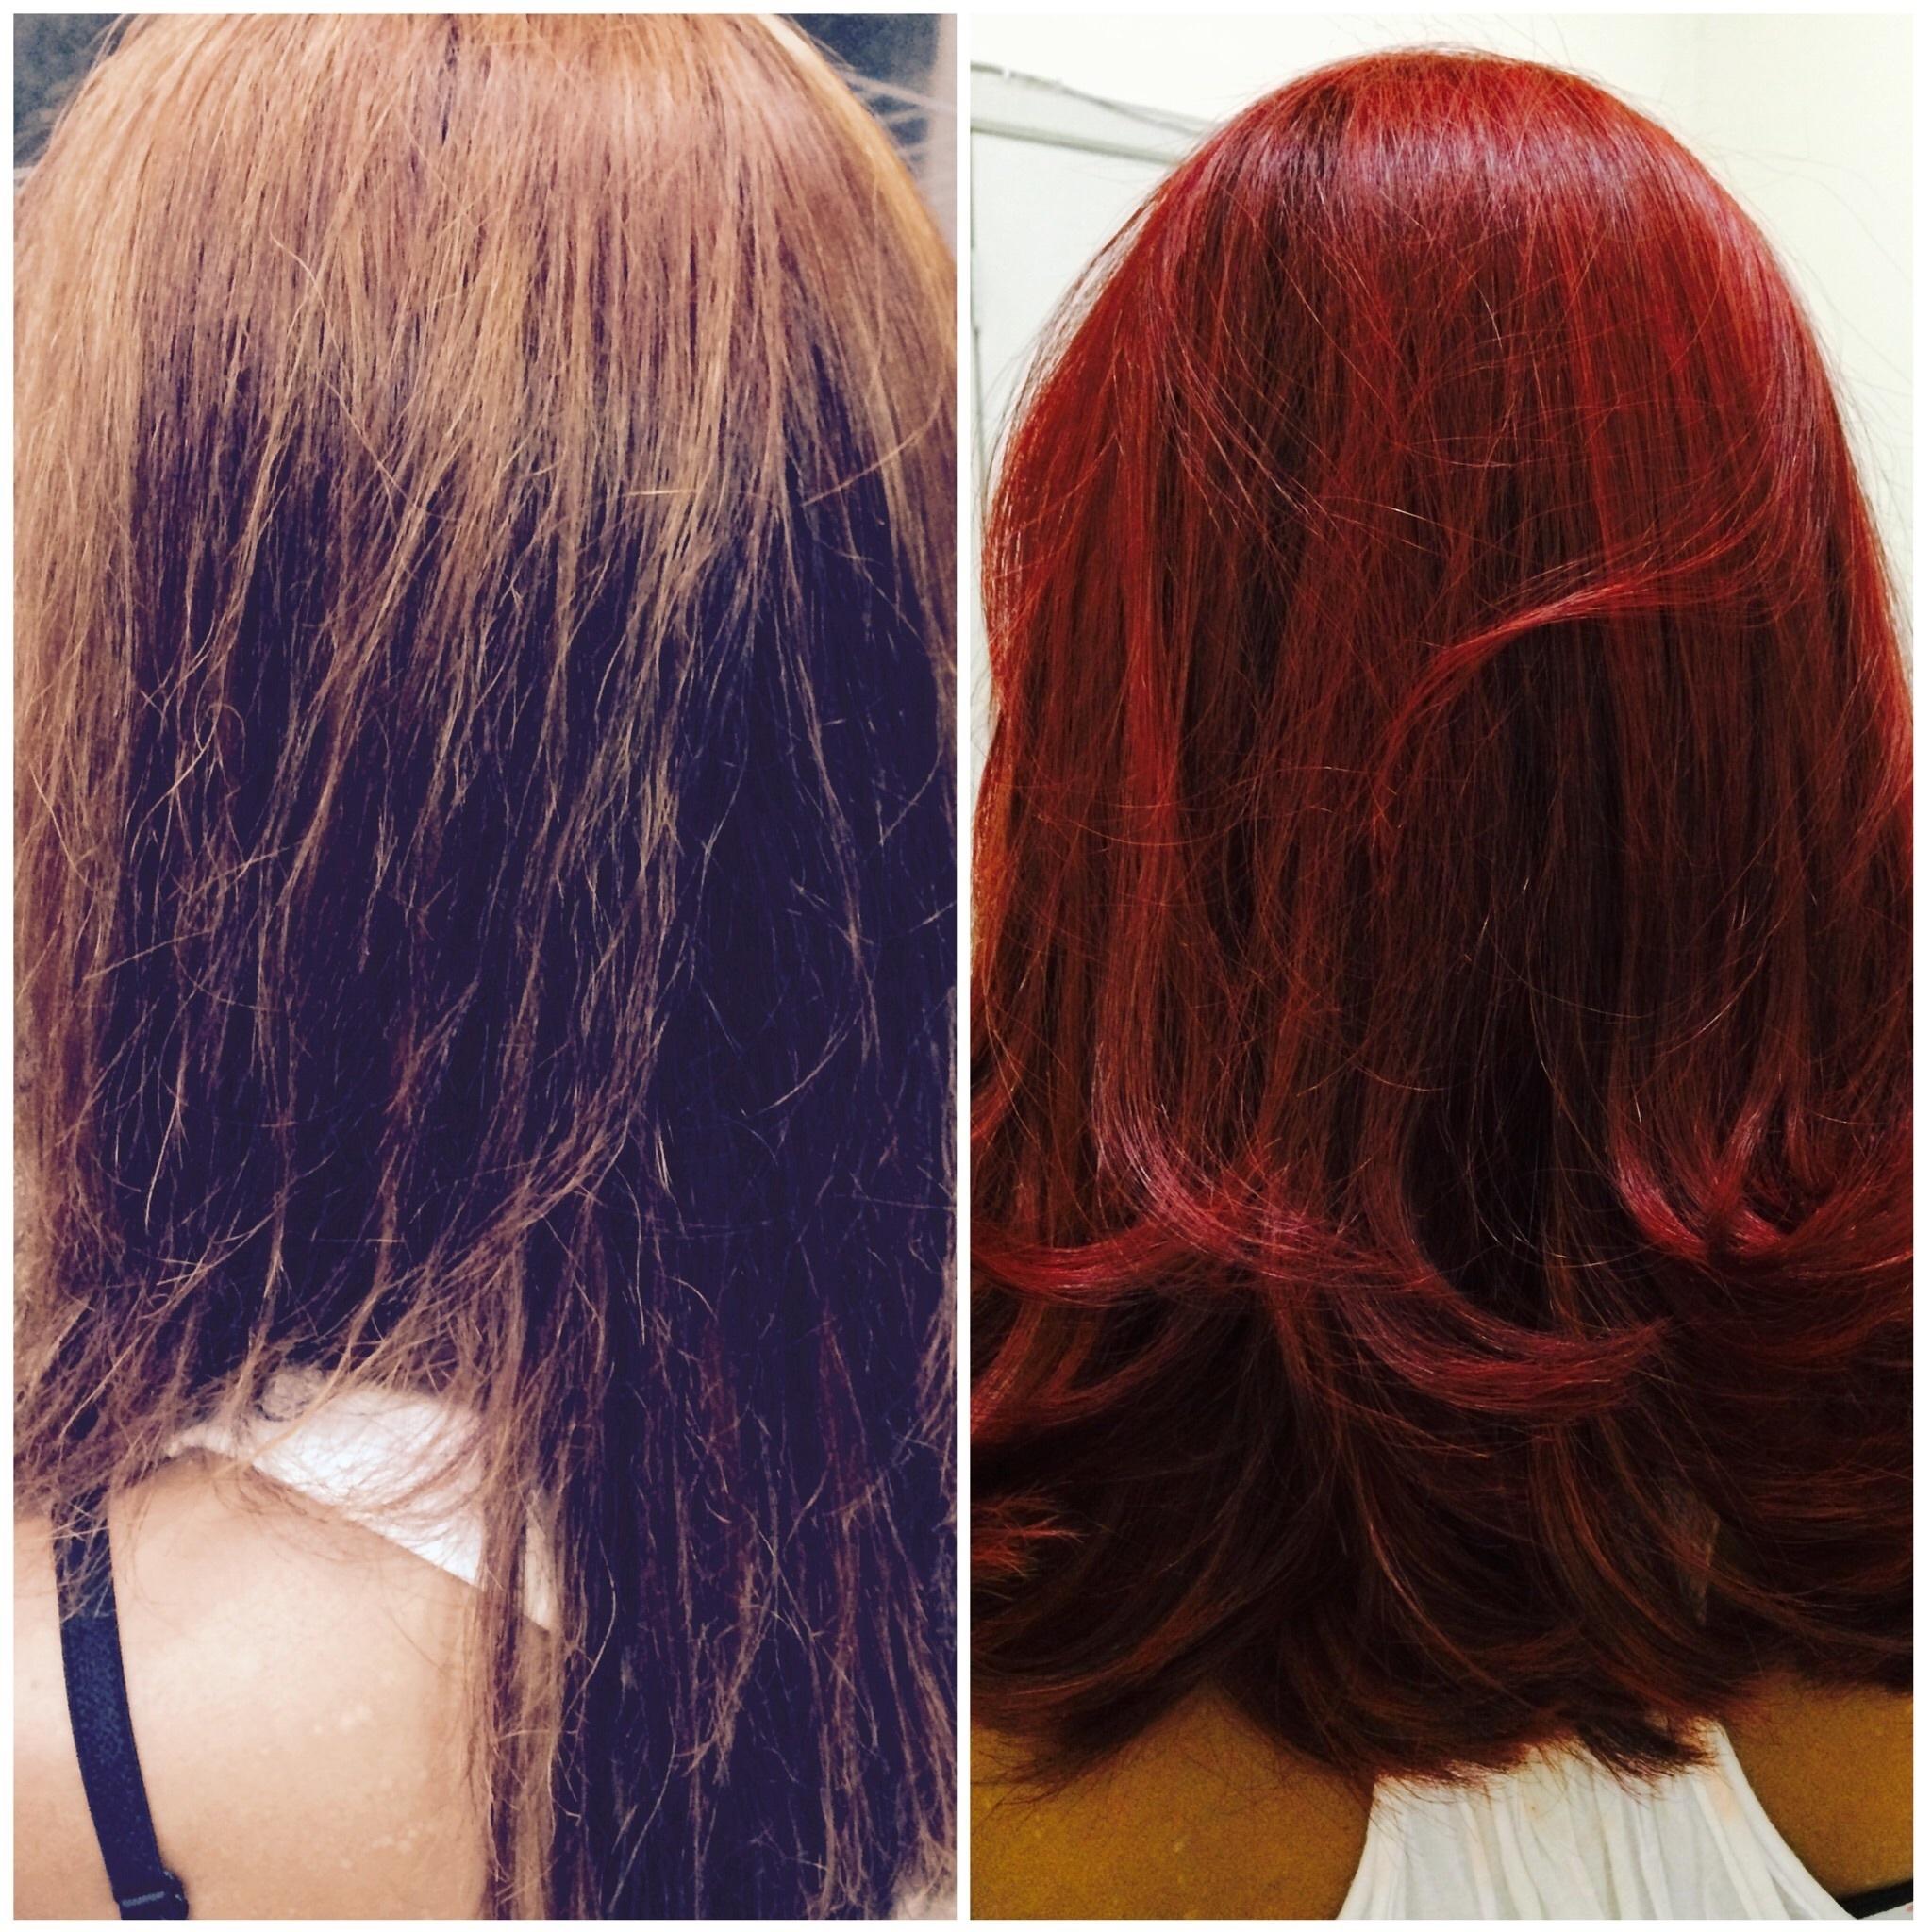 trabalho de antes e depois feito uma correção de cor no comprimento e ponta e igualando a cor no tom desejado da cliente finalizando c sucesso cabelo cabeleireiro(a)